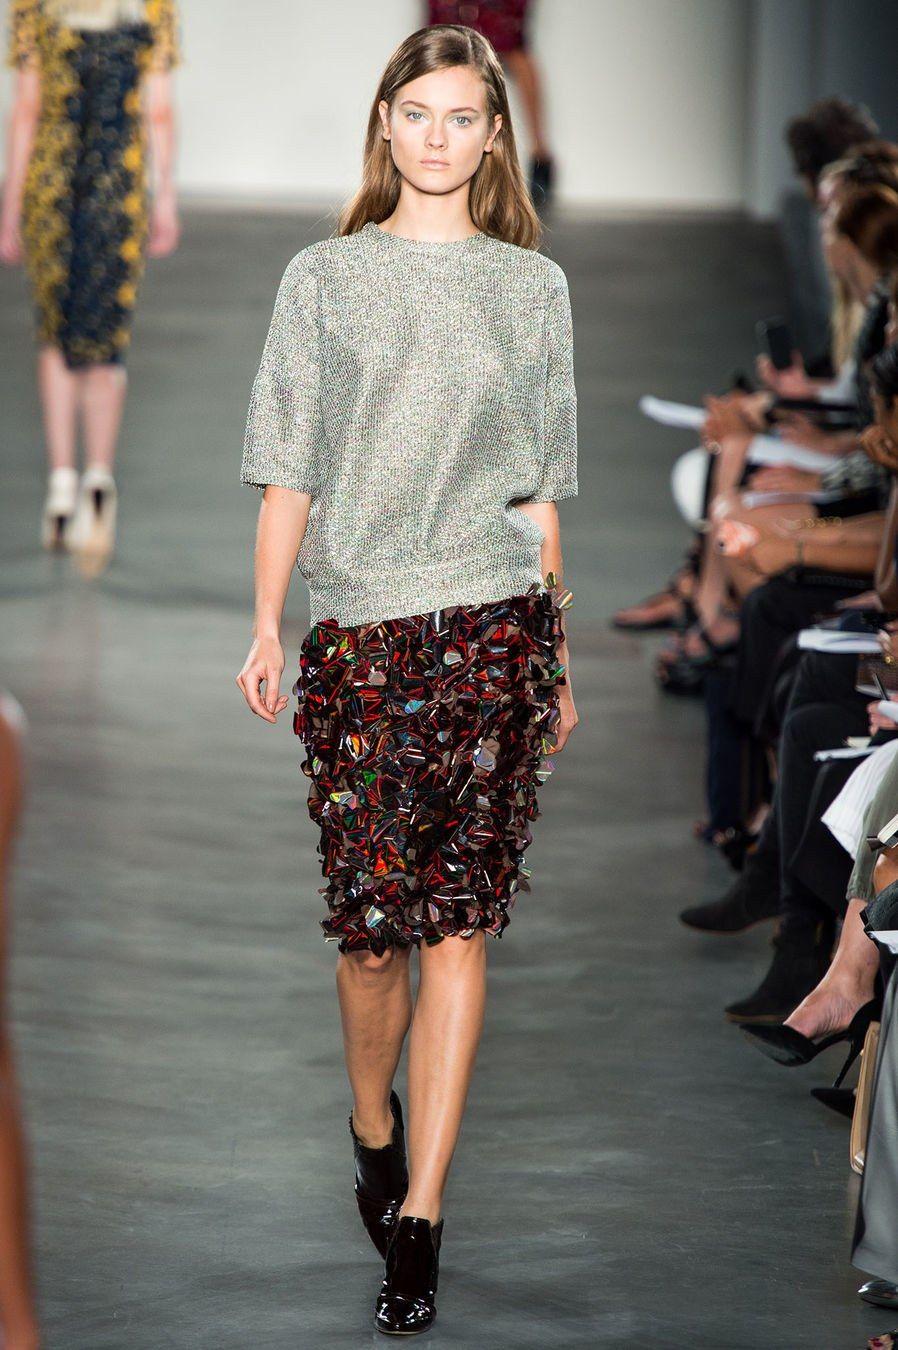 Derek Lam SpringSummer 2013 RTW – New York Fashion Week Derek Lam SpringSummer 2013 RTW – New York Fashion Week new pics